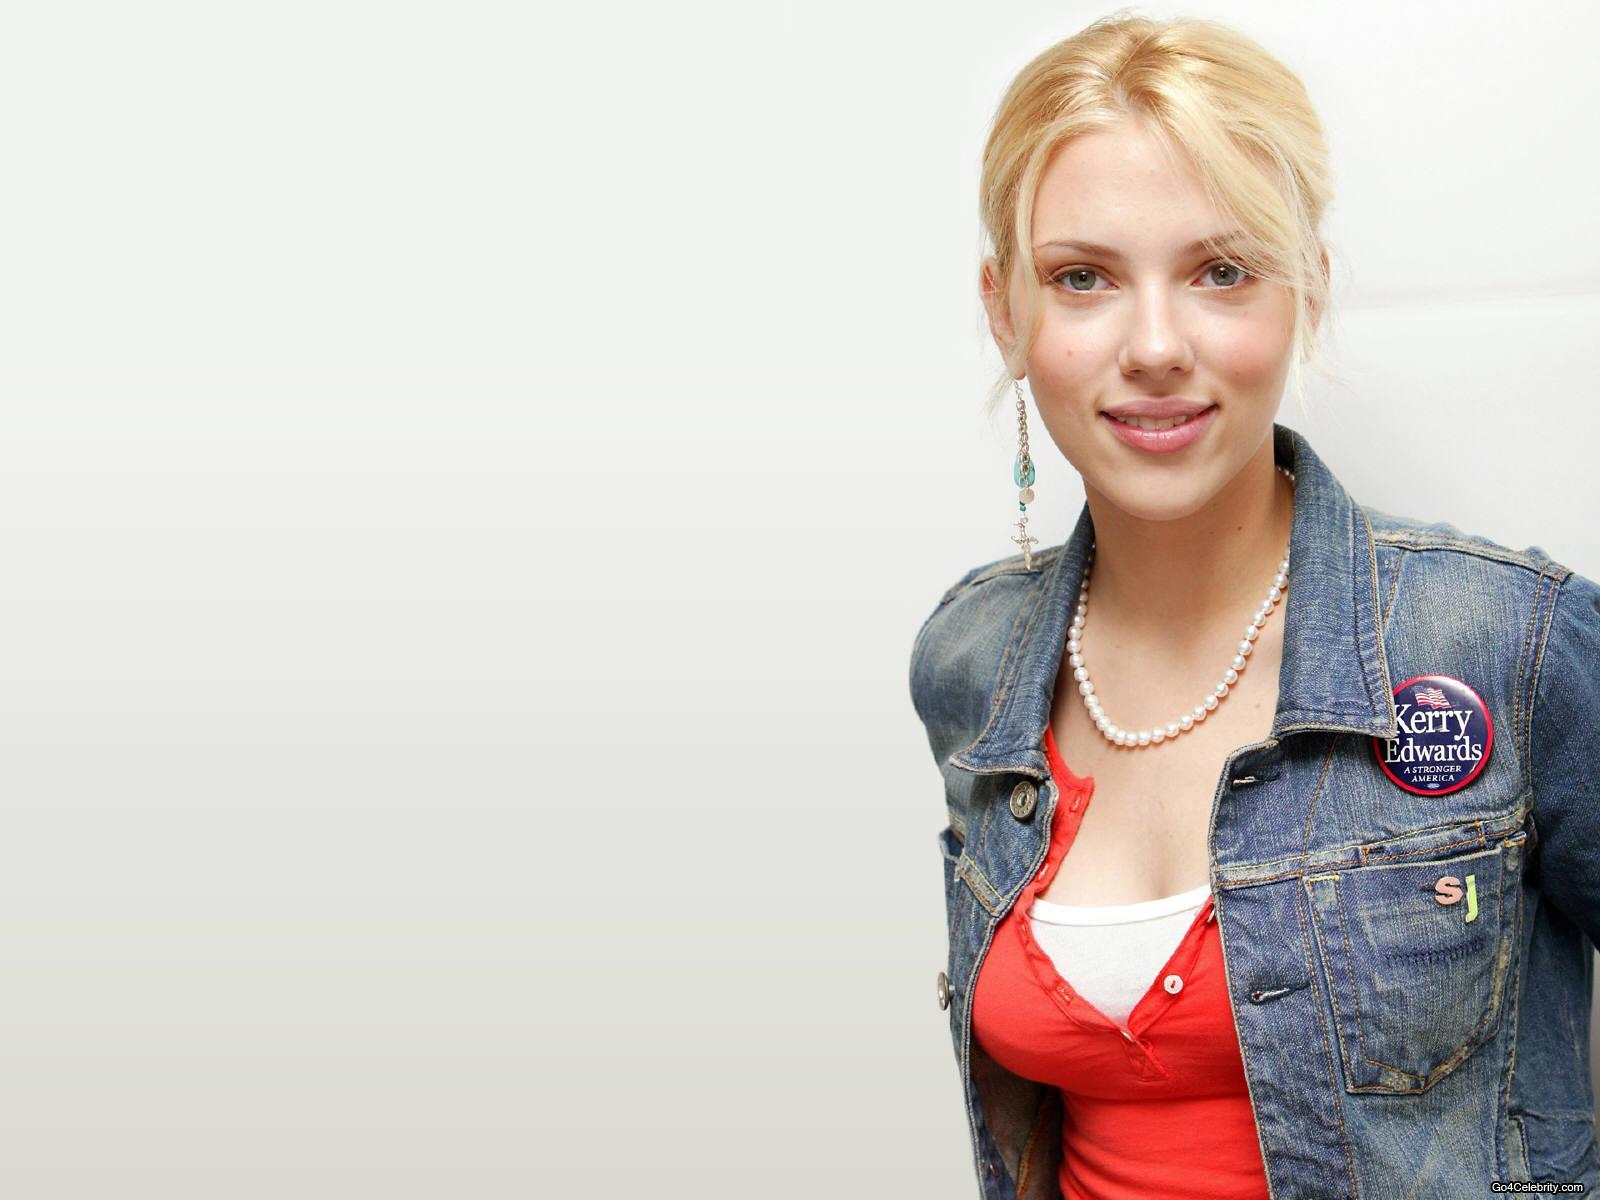 http://1.bp.blogspot.com/-mW42cnRUr84/TyrRJb6vW7I/AAAAAAAANE0/37cYowJgSWg/s1600/Scarlett-Johansson-067.jpg